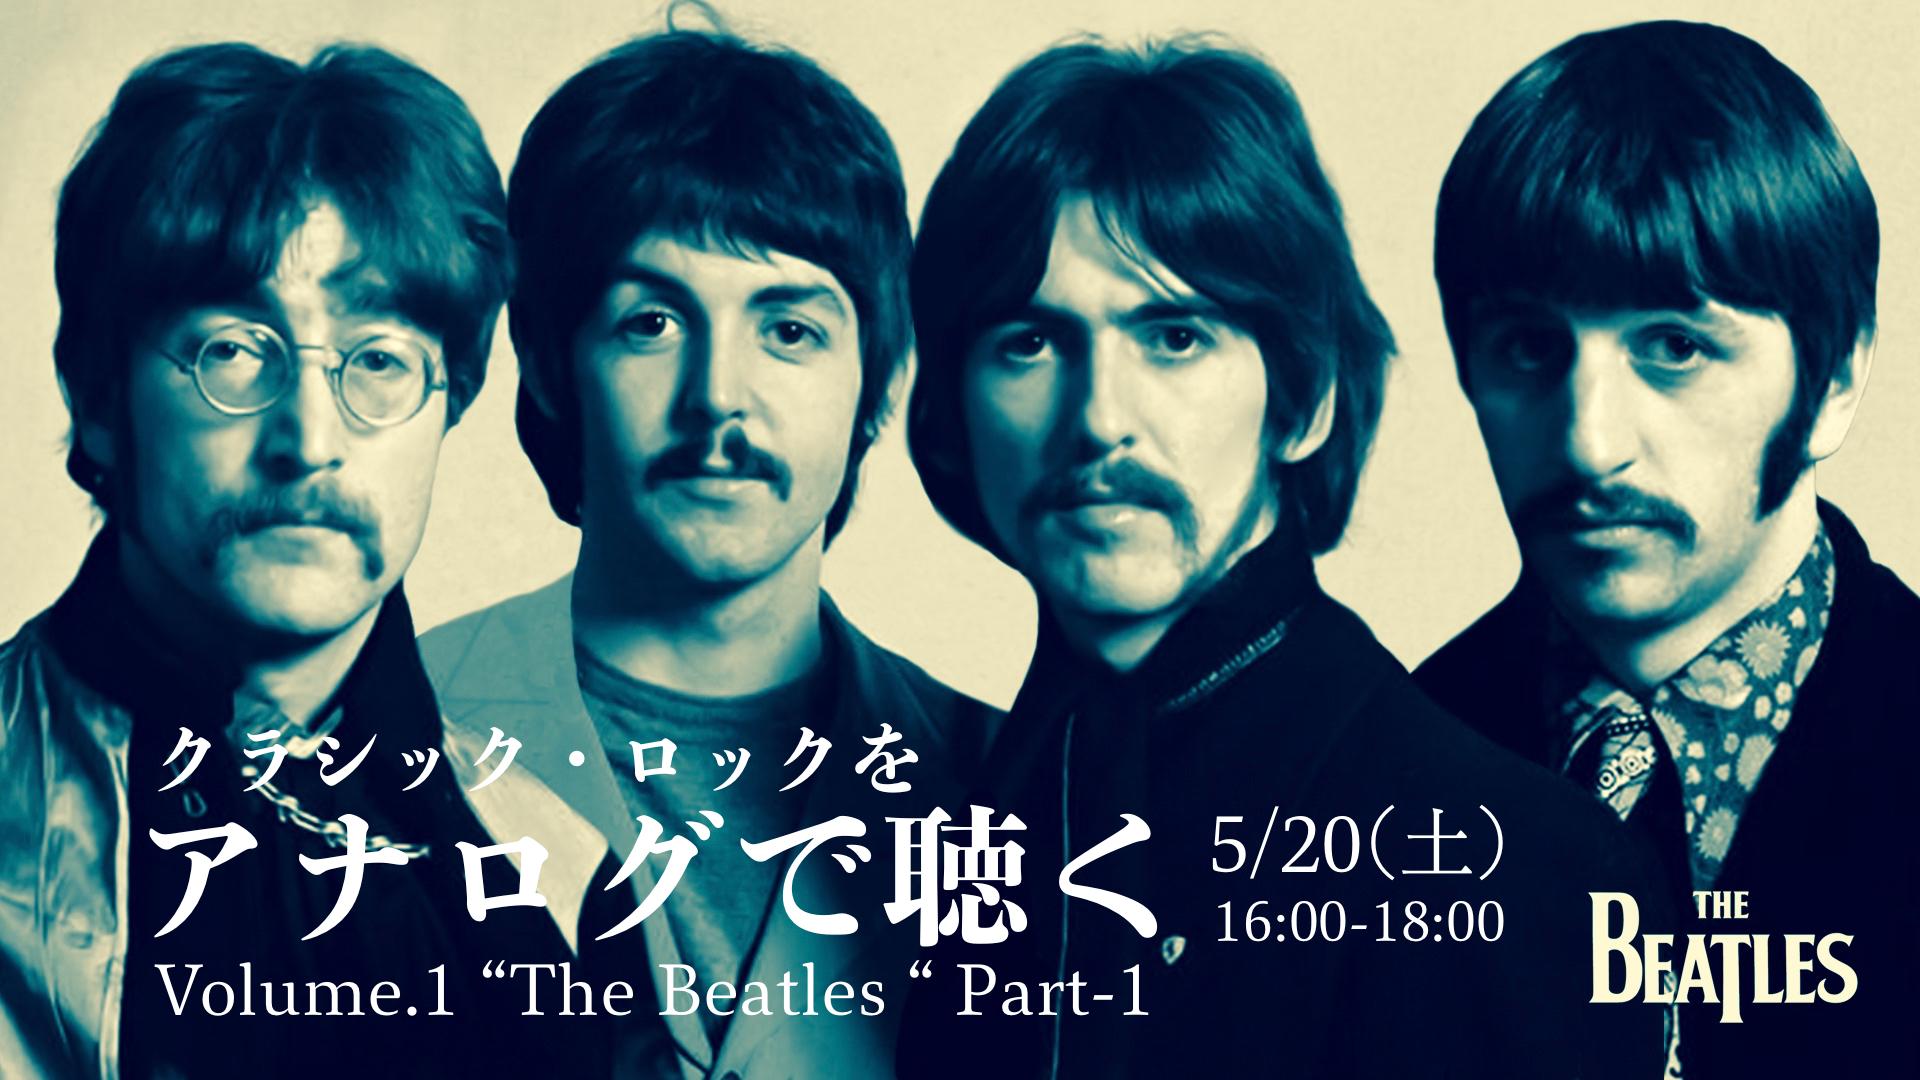 クラシック・ロックをアナログで聴く Volume.1 The Beatles Part.1 〜プレイリスト